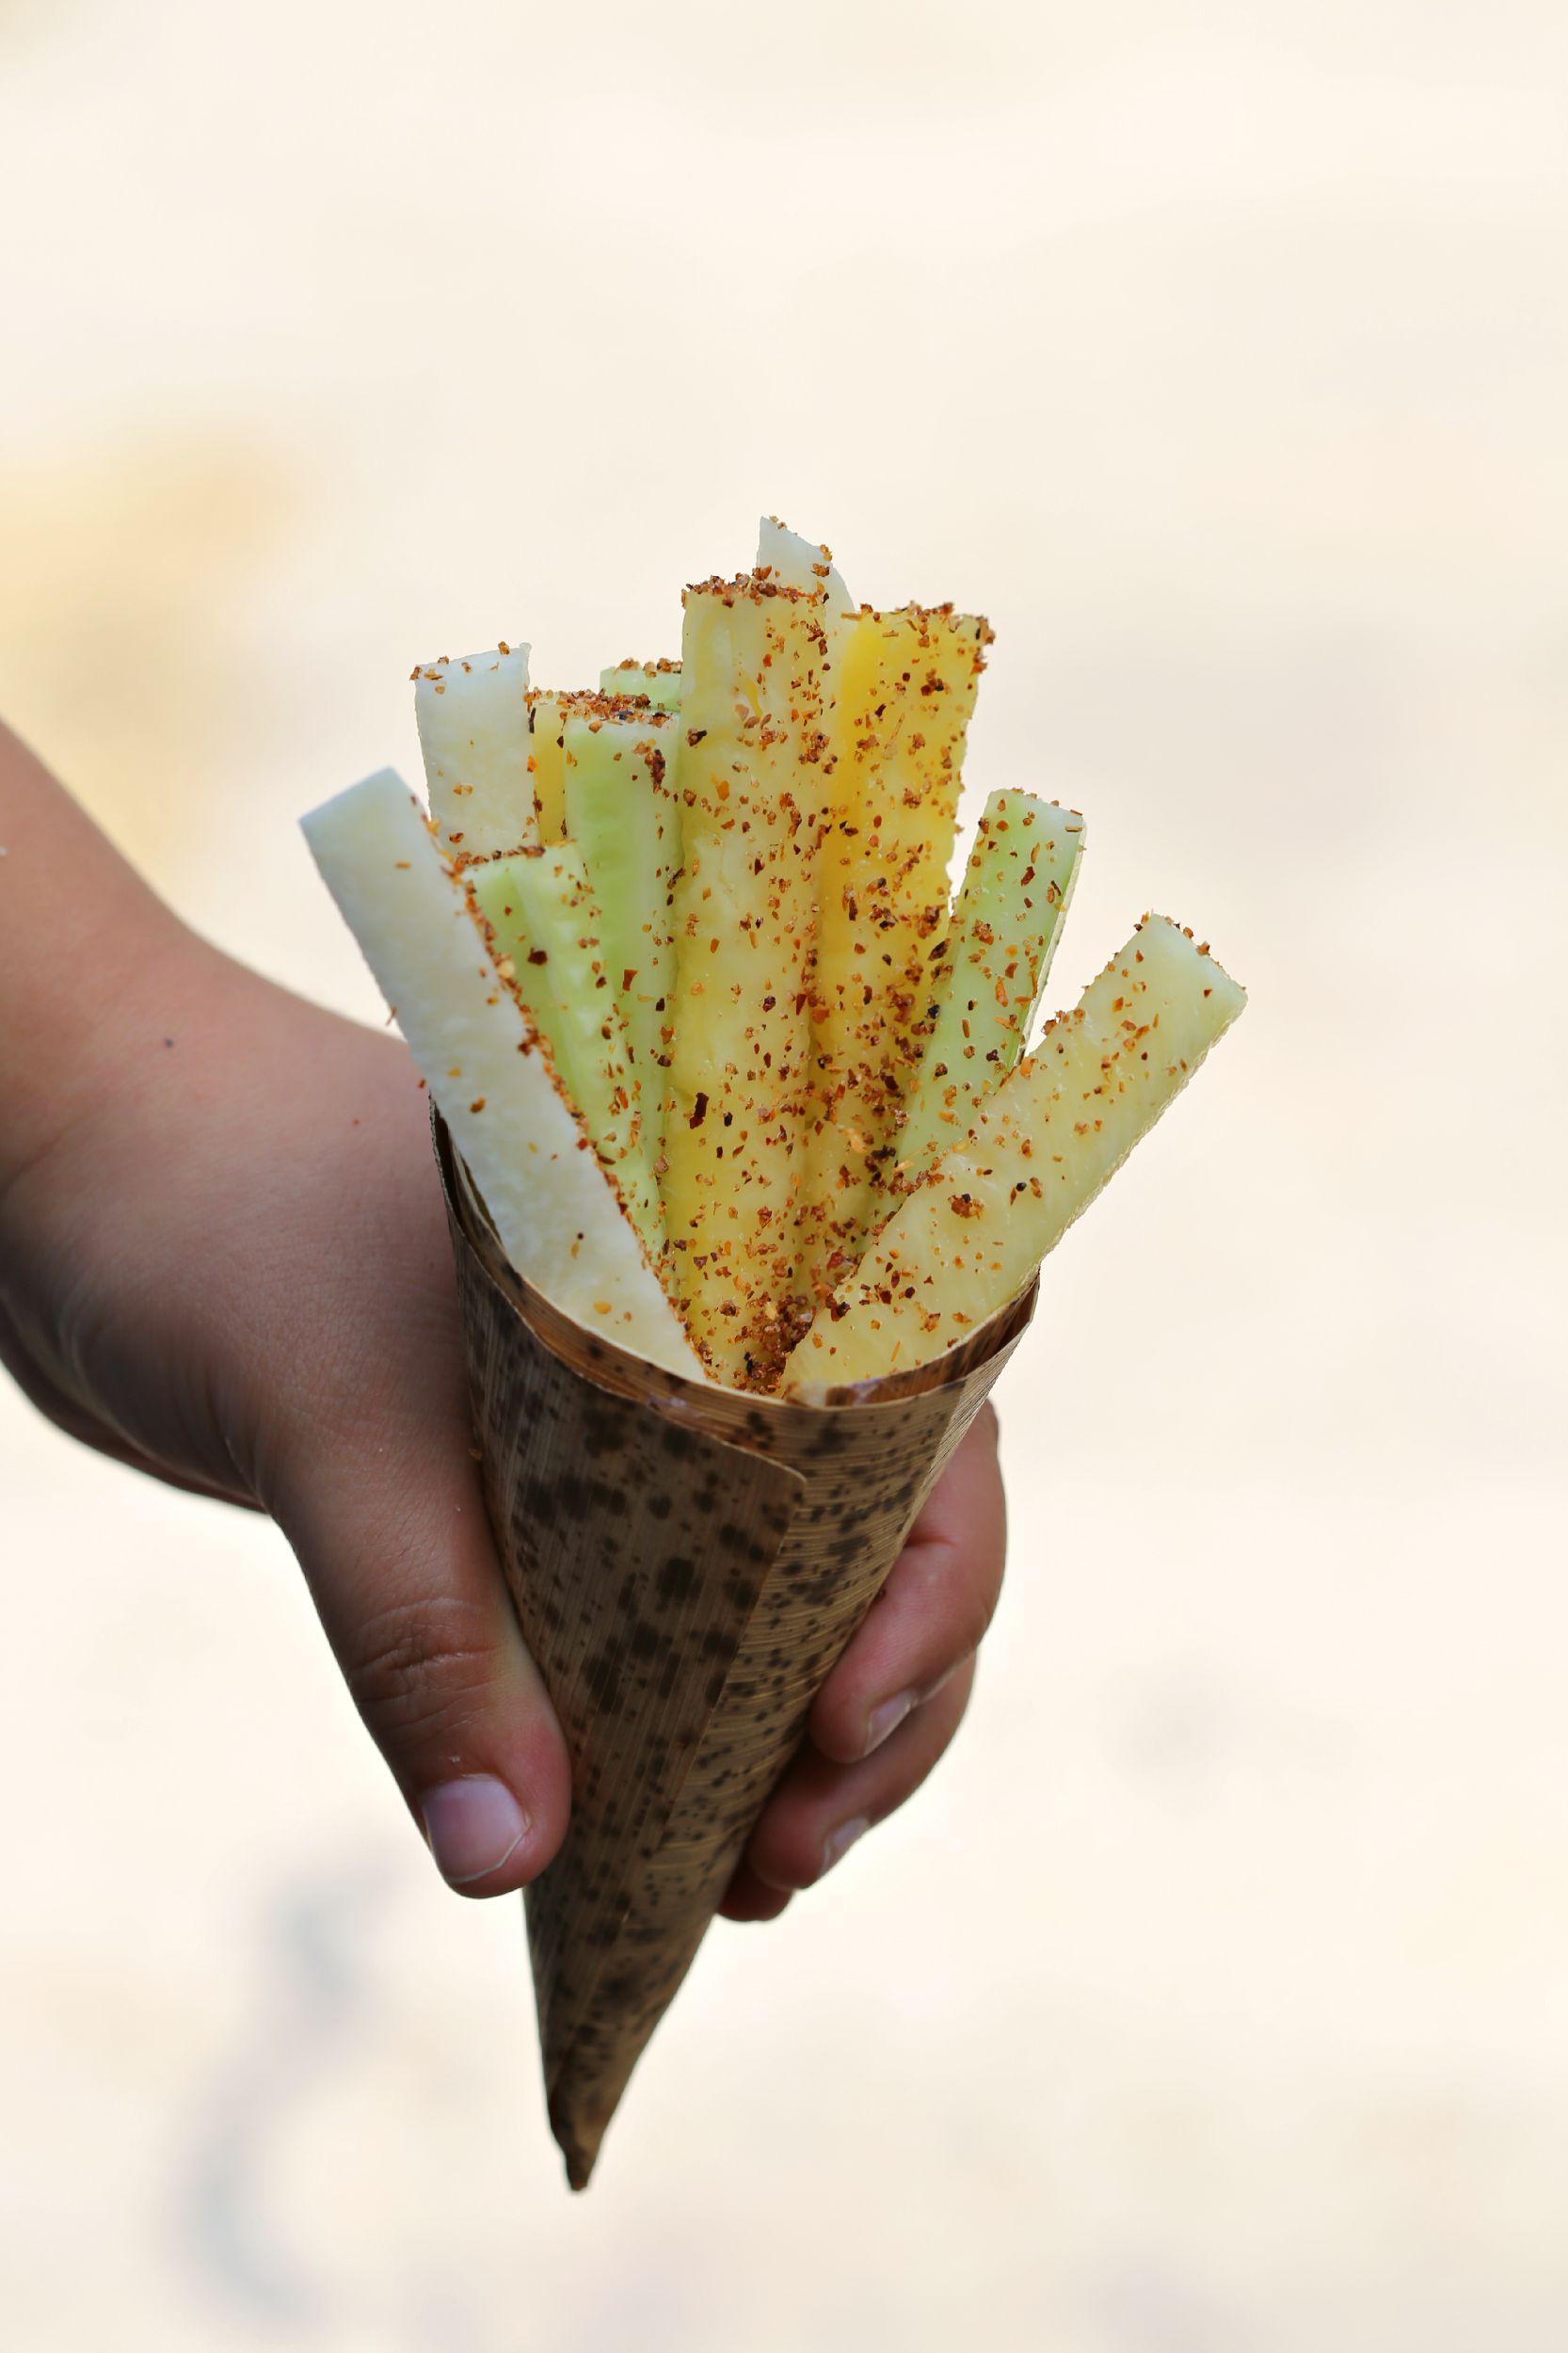 jicama-cucumber-pineapple-fruteria-cup-vianneyrodriguez-sweetlifebake